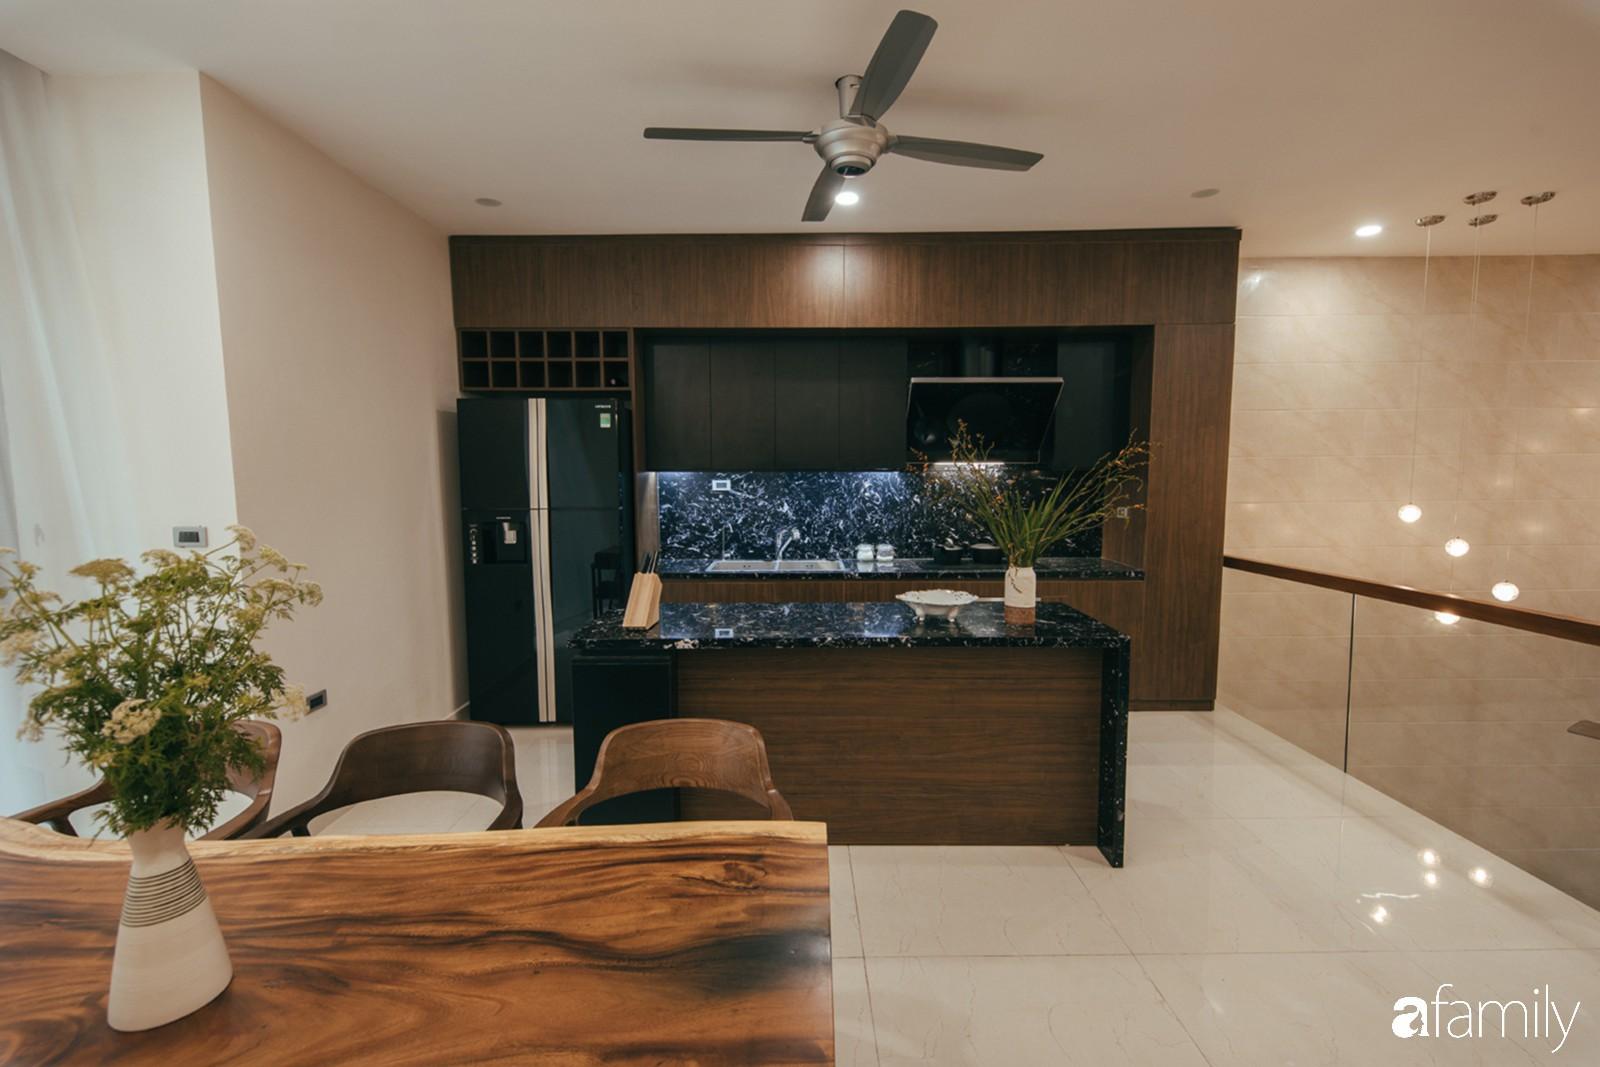 Chàng trai Hà Nội độc thân và ngôi nhà 83m² nhiều góc sân, khoảng trời lãng mạn khiến ai nhìn cũng muốn ở - Ảnh 7.